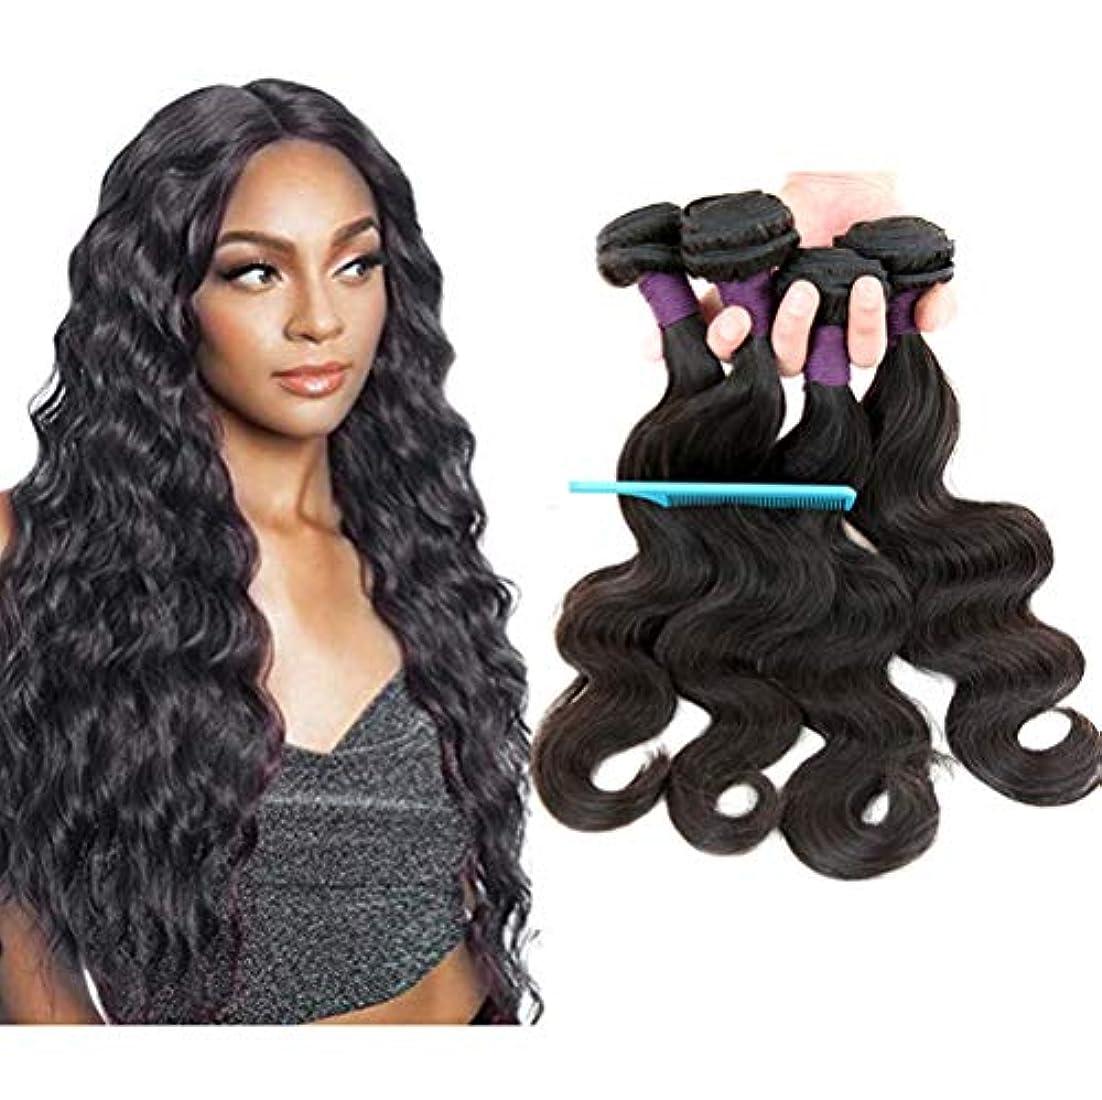 農業のインフラトーン10Aブラジル髪織り実体波人間の髪の毛1束で100%未処理のバージン人間の髪の毛